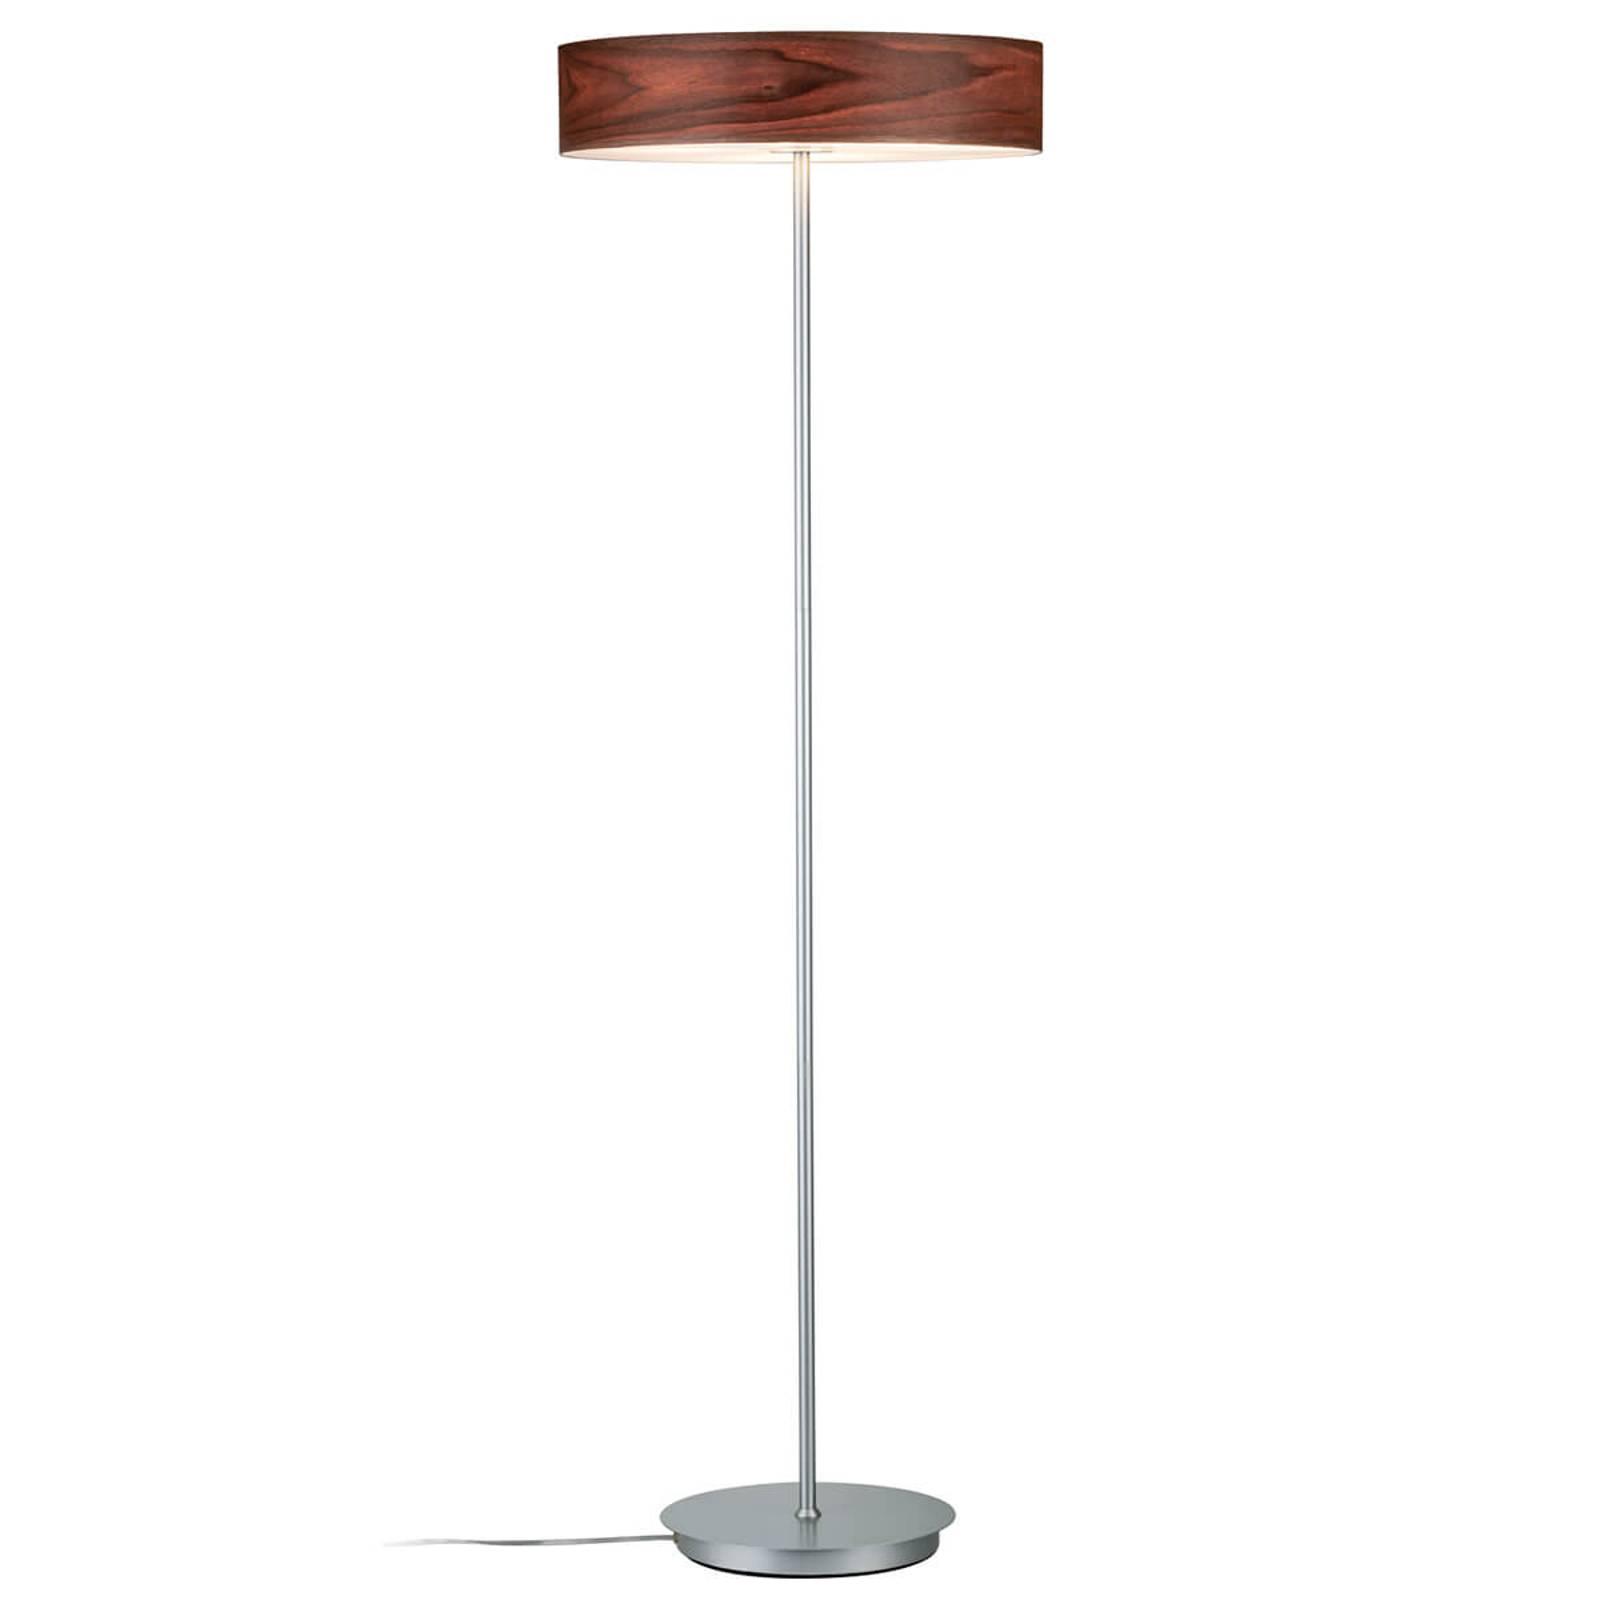 Moderne vloerlamp Liska met houten kap